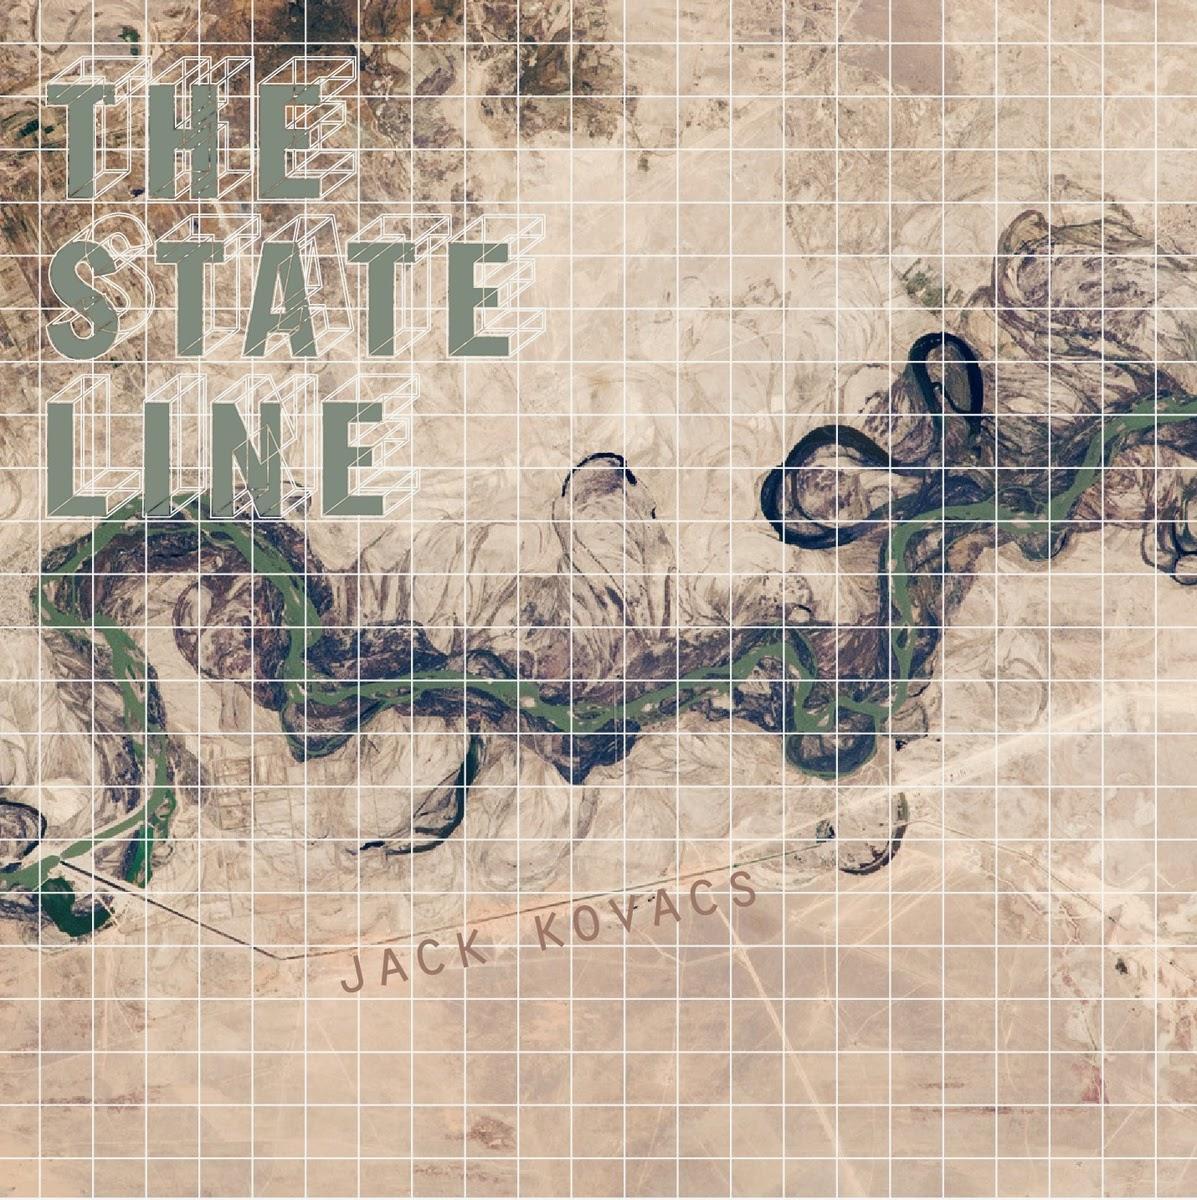 http://www.d4am.net/2014/10/jack-kovacs-state-line.html